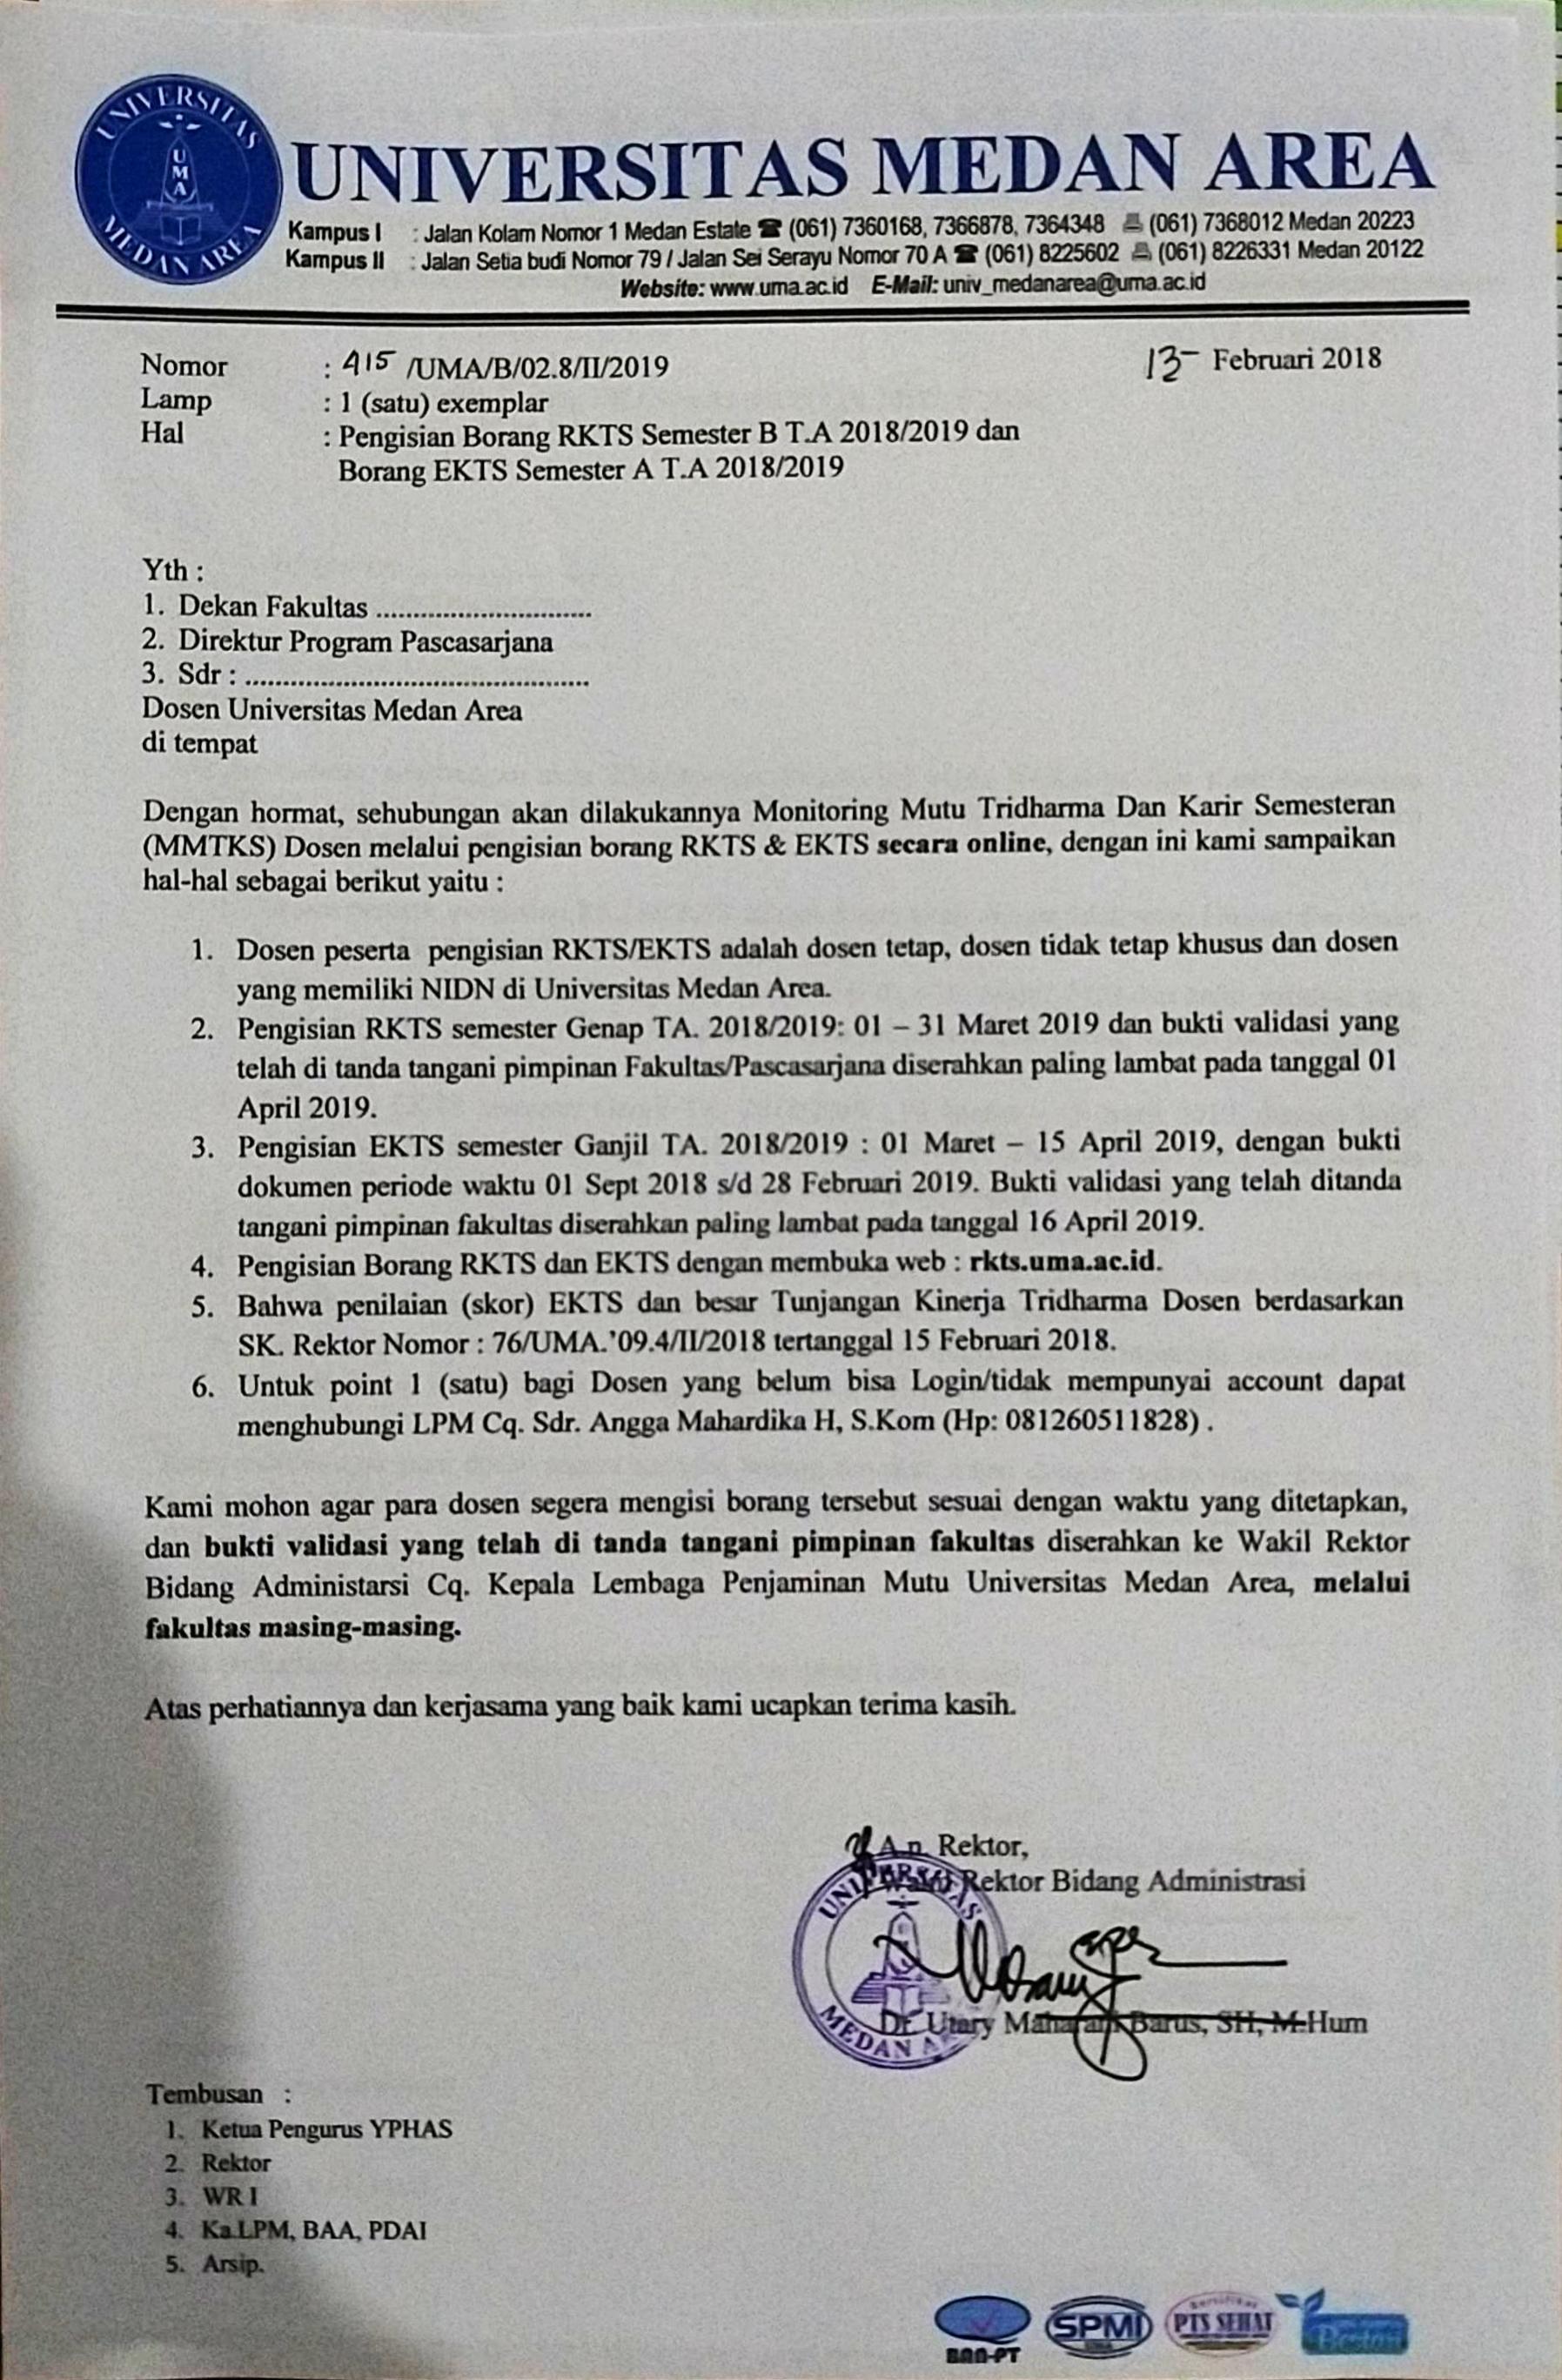 Pengisian Borang Rkts Semester B T A 2018 2019 Dan Borang Ekts